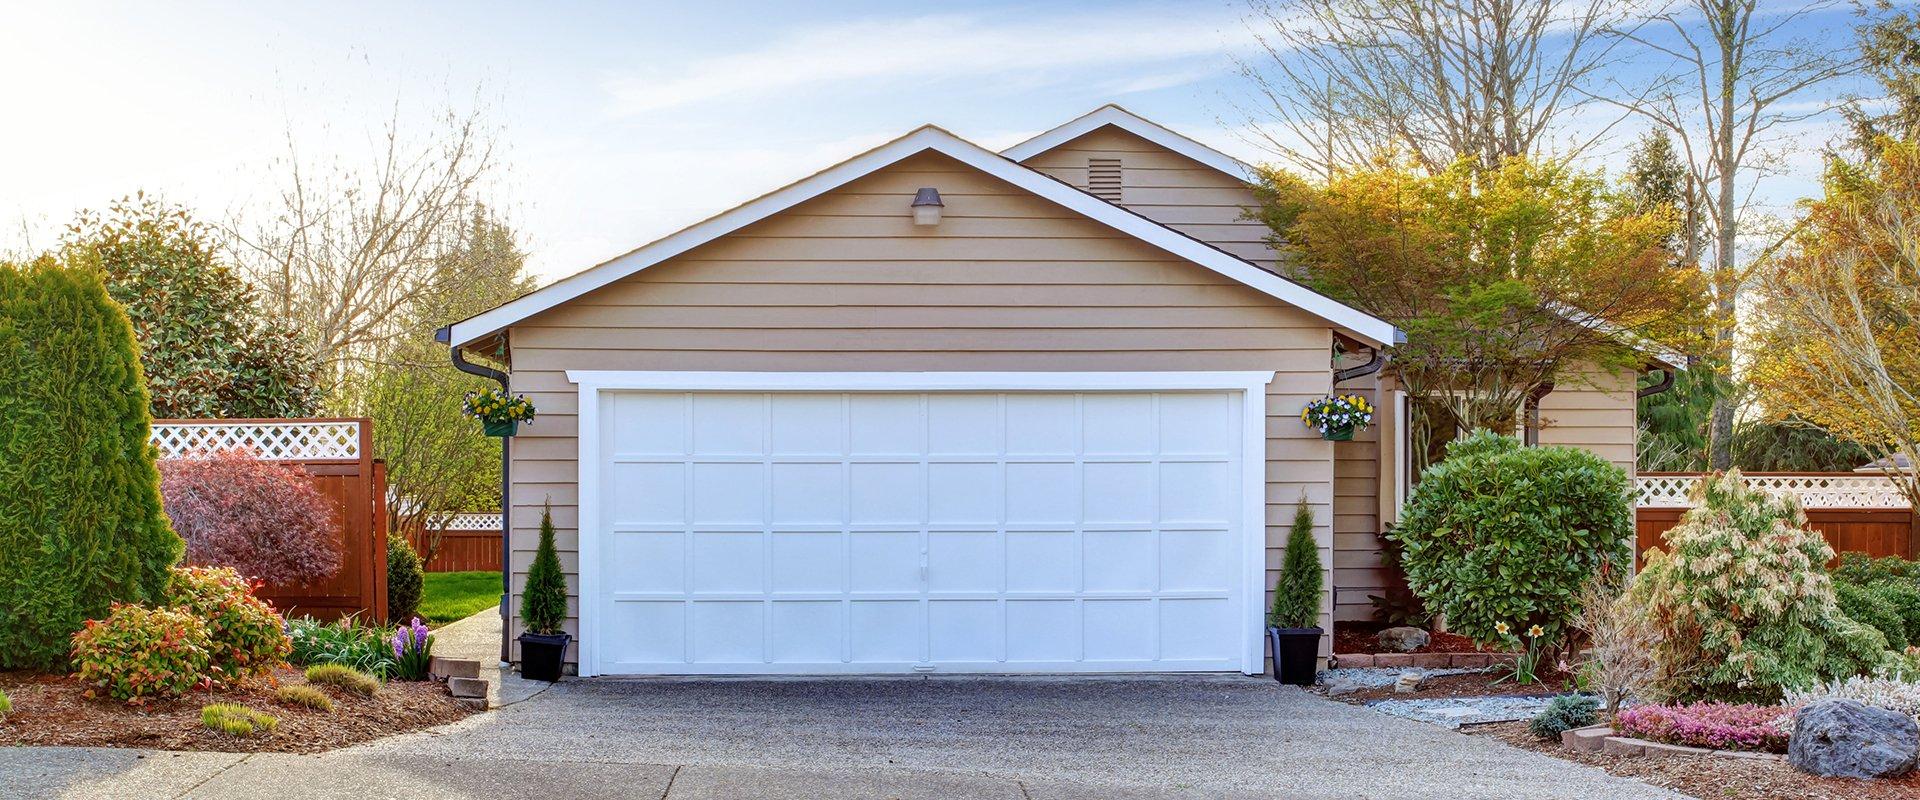 Garage Door garage door repair san marcos photographs : San Marcos Overhead Door Co. | Garage Door Repair San Marcos